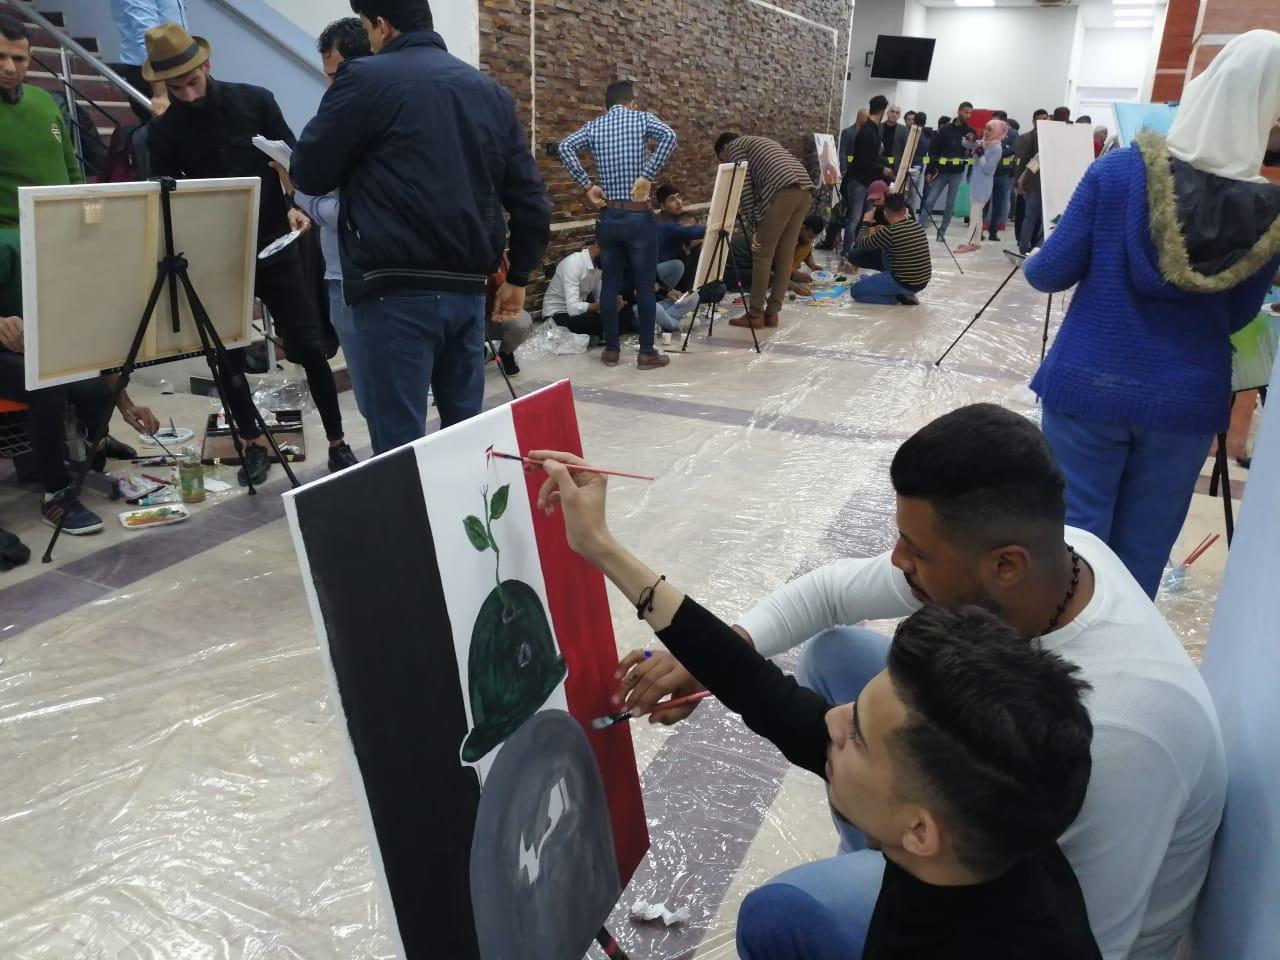 كلية شط العرب الجامعة تشارك في المهرجان الجامعي للفنون التشكيلية والتطبيقية...